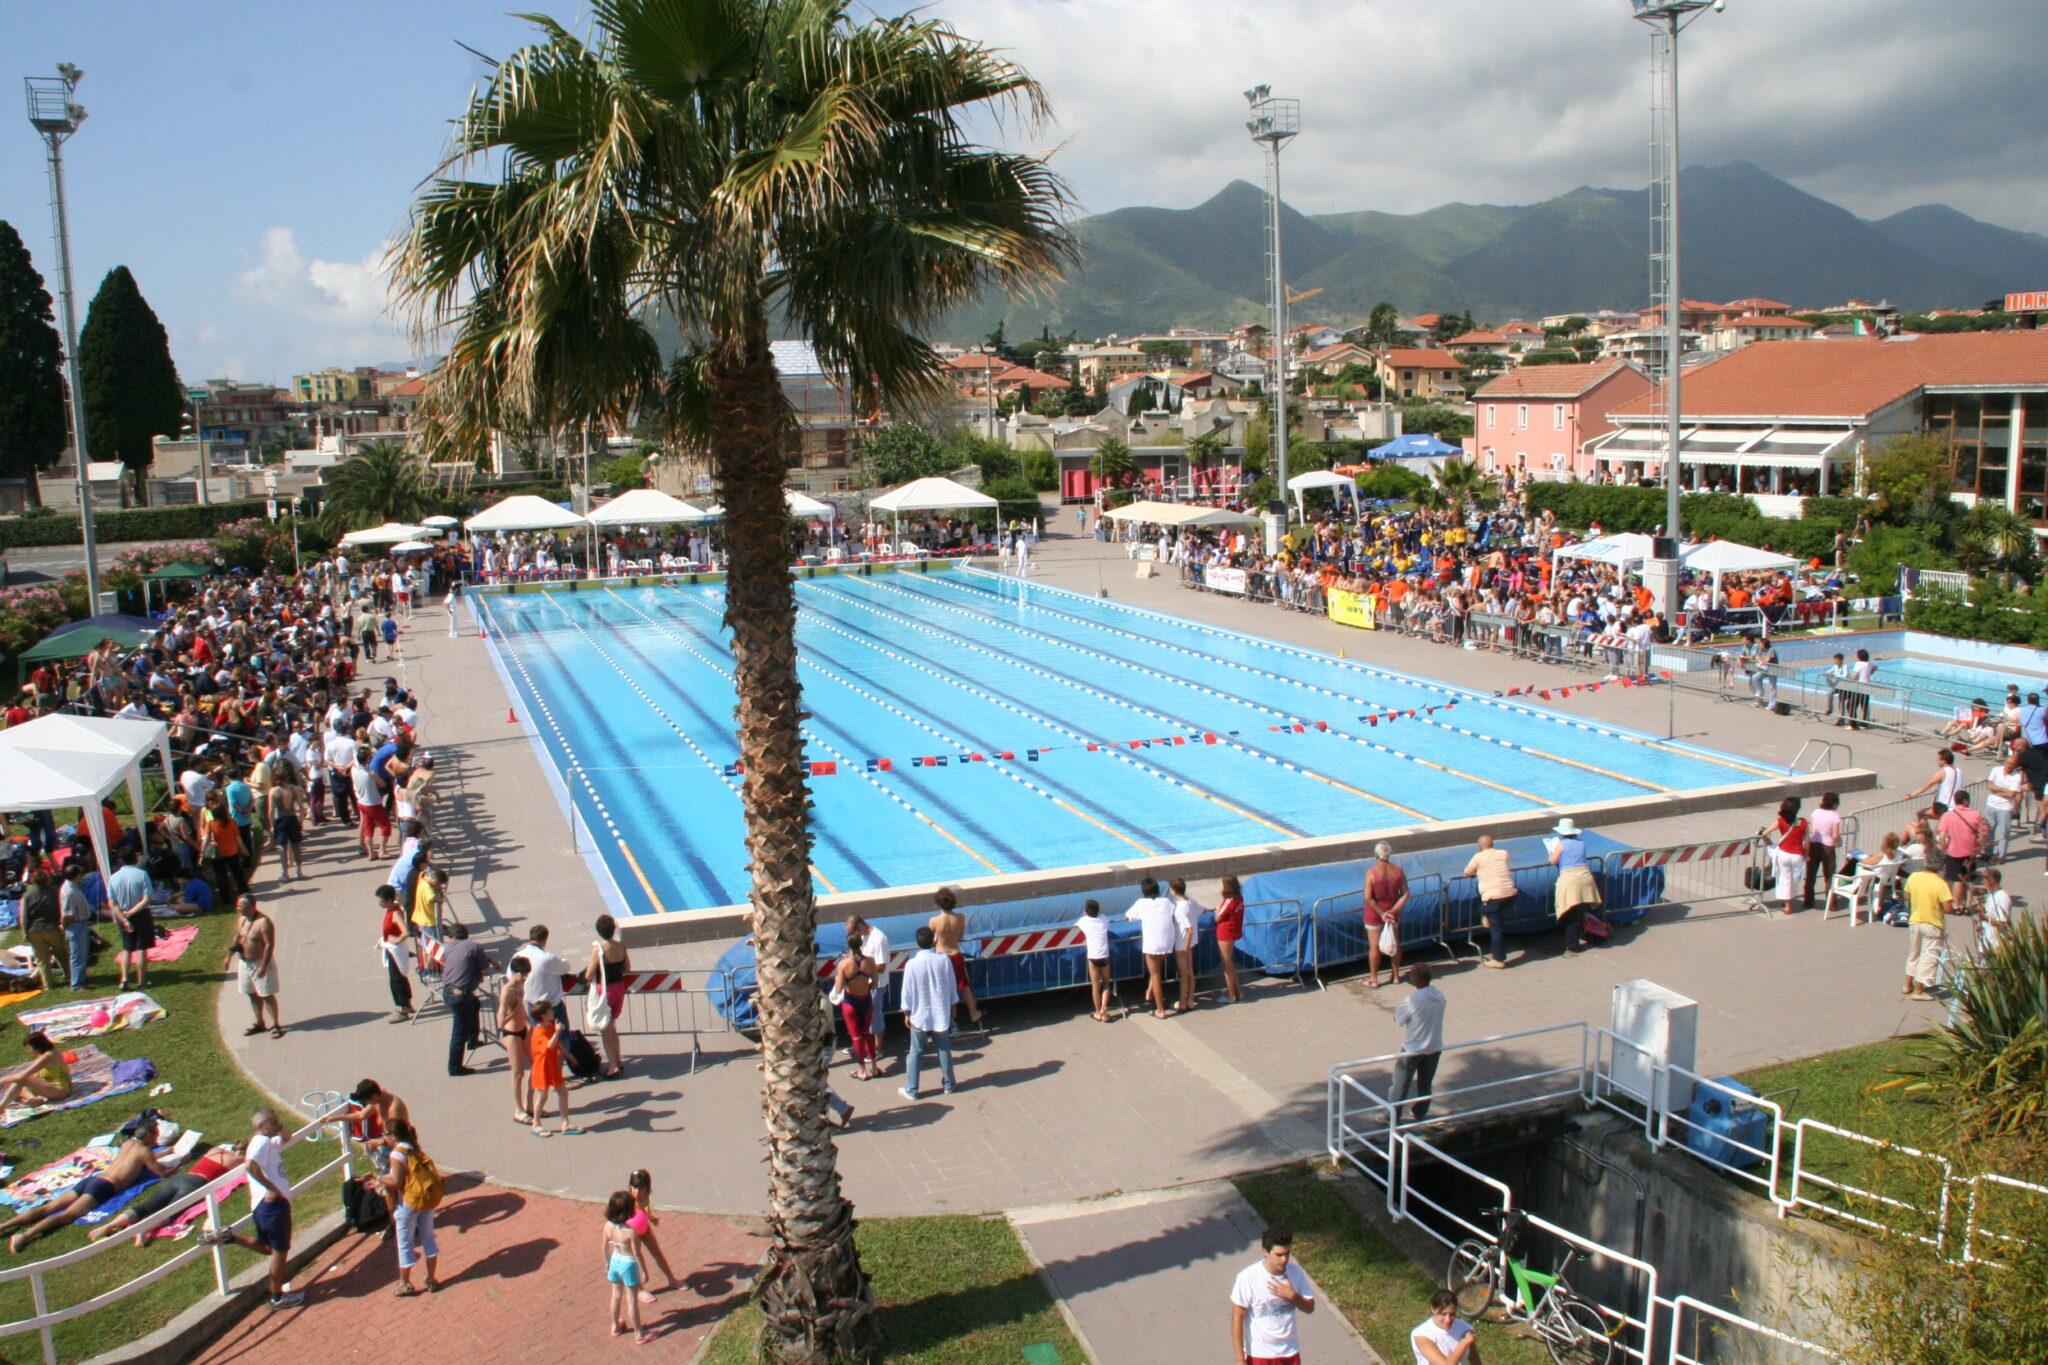 Mare e piscina per tutti visit loano il portale - Piscina oggiono ...